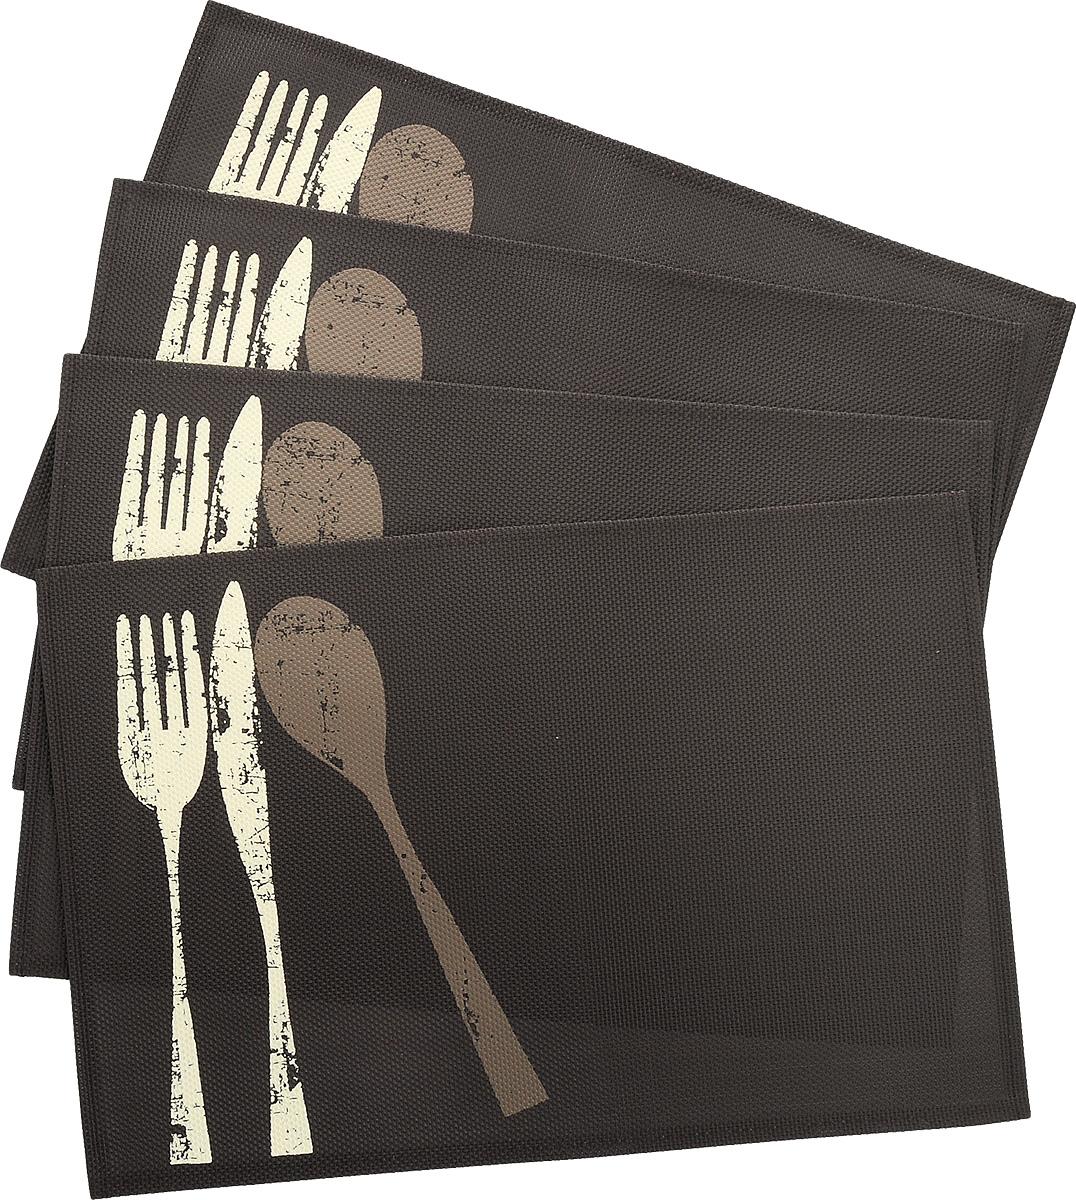 Салфетка сервировочная White Fox Приборы, цвет: коричневый, 30 x 45 см, 4 штWКPL120-083_коричневыйСалфетка White Fox Приборы, выполненная из ПВХ, предназначена для сервировки стола. Она служит защитой от царапин и различных следов, а также используется в качестве подставки под горячее. Дизайнерский рисунок дополнит стильную сервировку стола. Край салфетки прострочен, что позволяет плетению не рассыпаться.